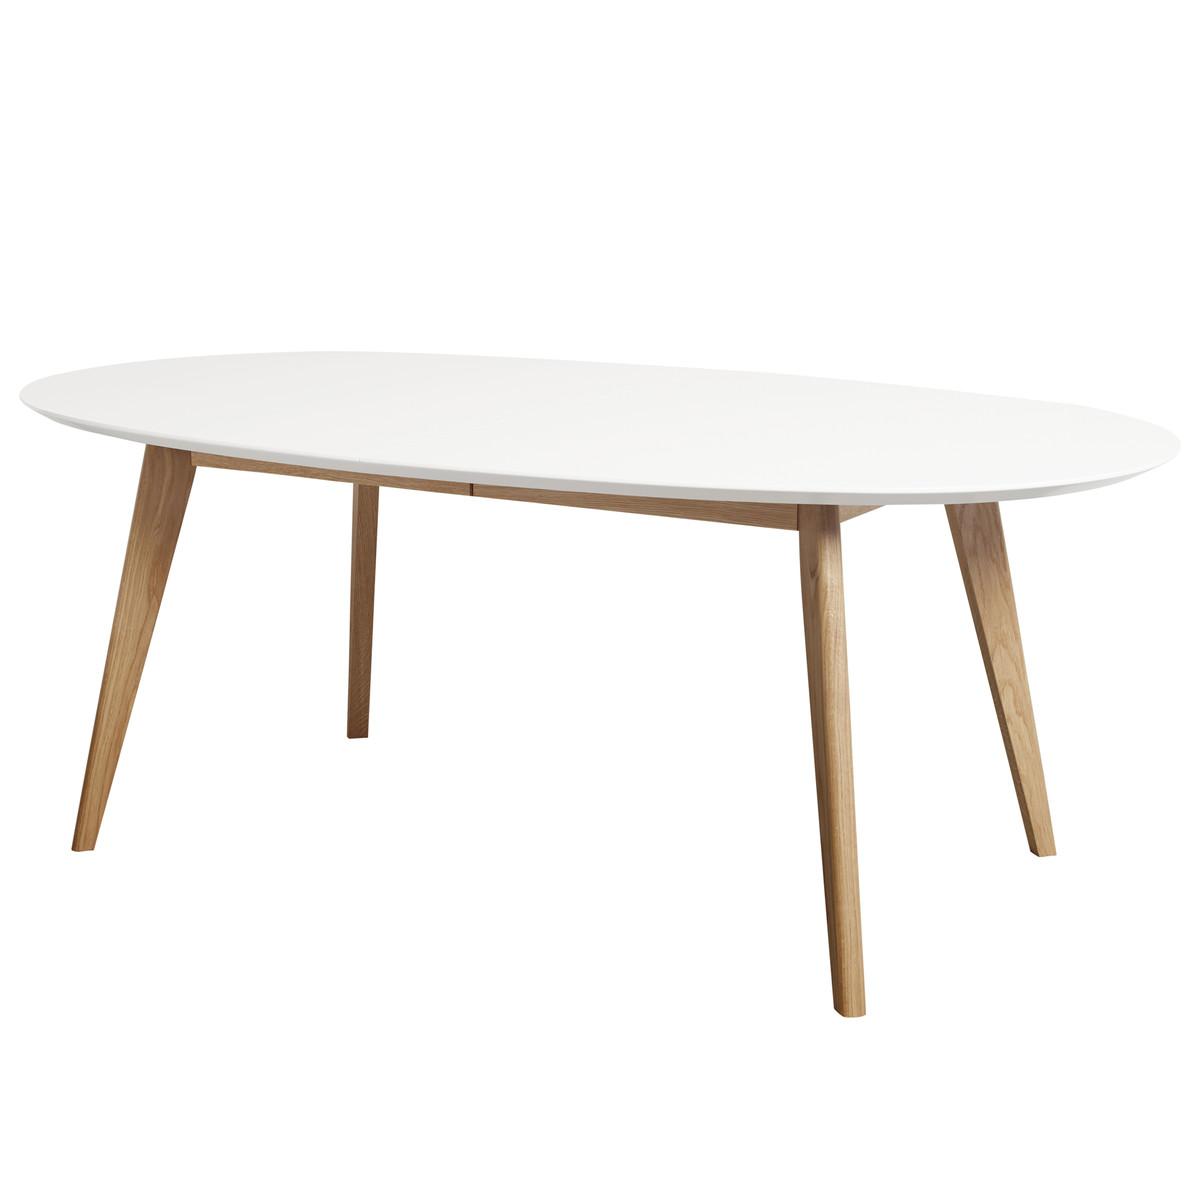 Full Size of Dk10 Esstisch Holz Von Andersen Furniture Weiß Ausziehbar Grau Eiche Oval Kleiner Esstischstühle Ovaler Esstische Massiv Kernbuche Nussbaum Pendelleuchte 2m Esstische Ovaler Esstisch